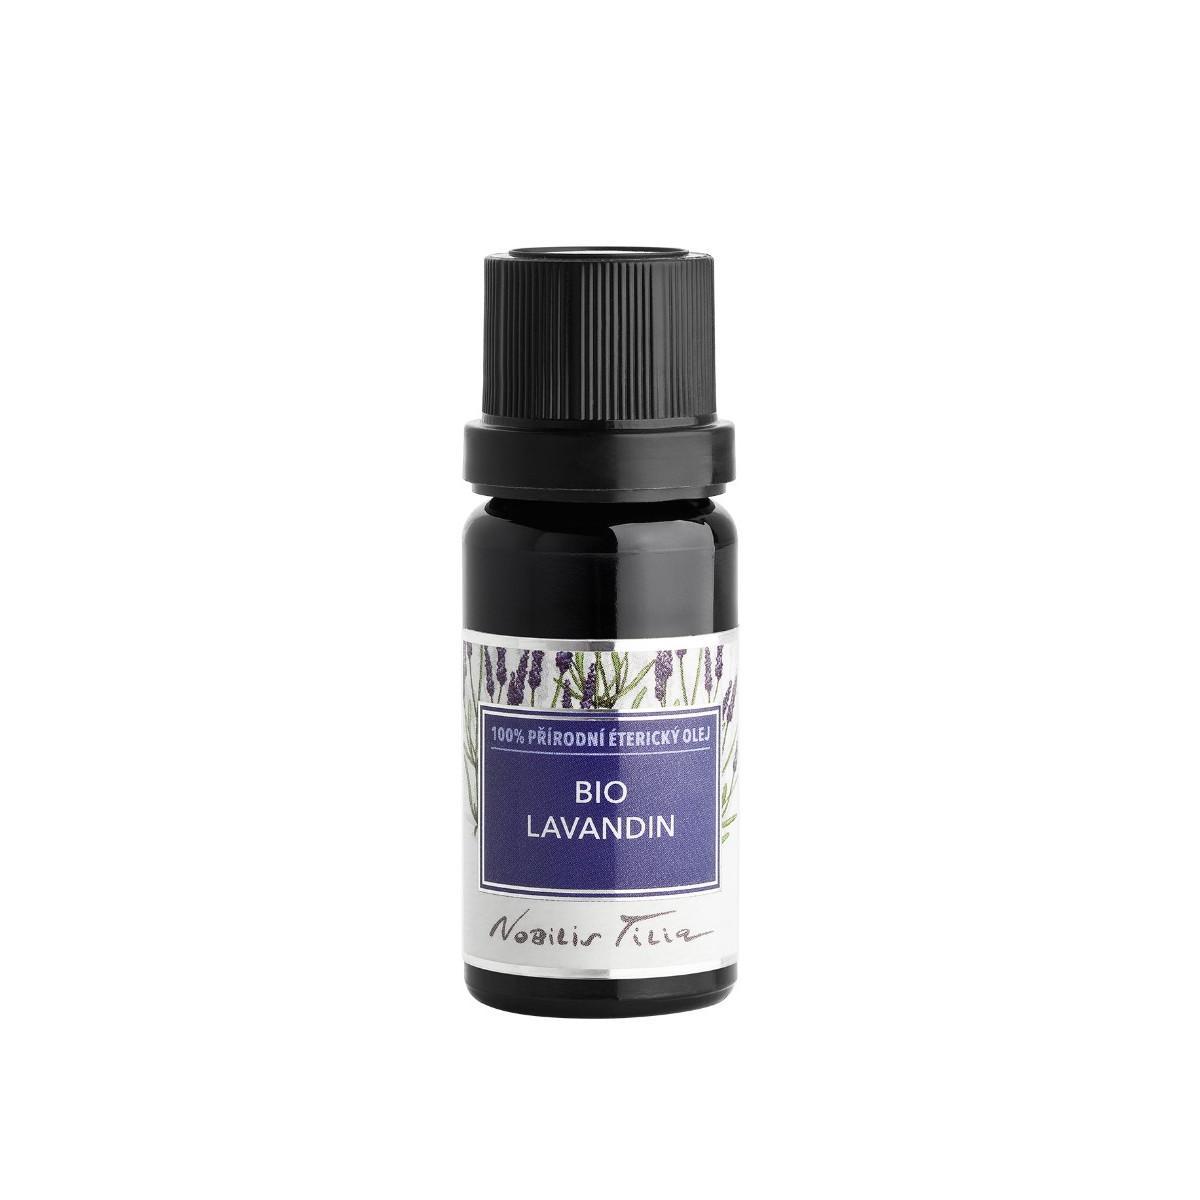 Nobilis Tilia Bio Lavandin, 100% přírodní éterický olej 10 ml